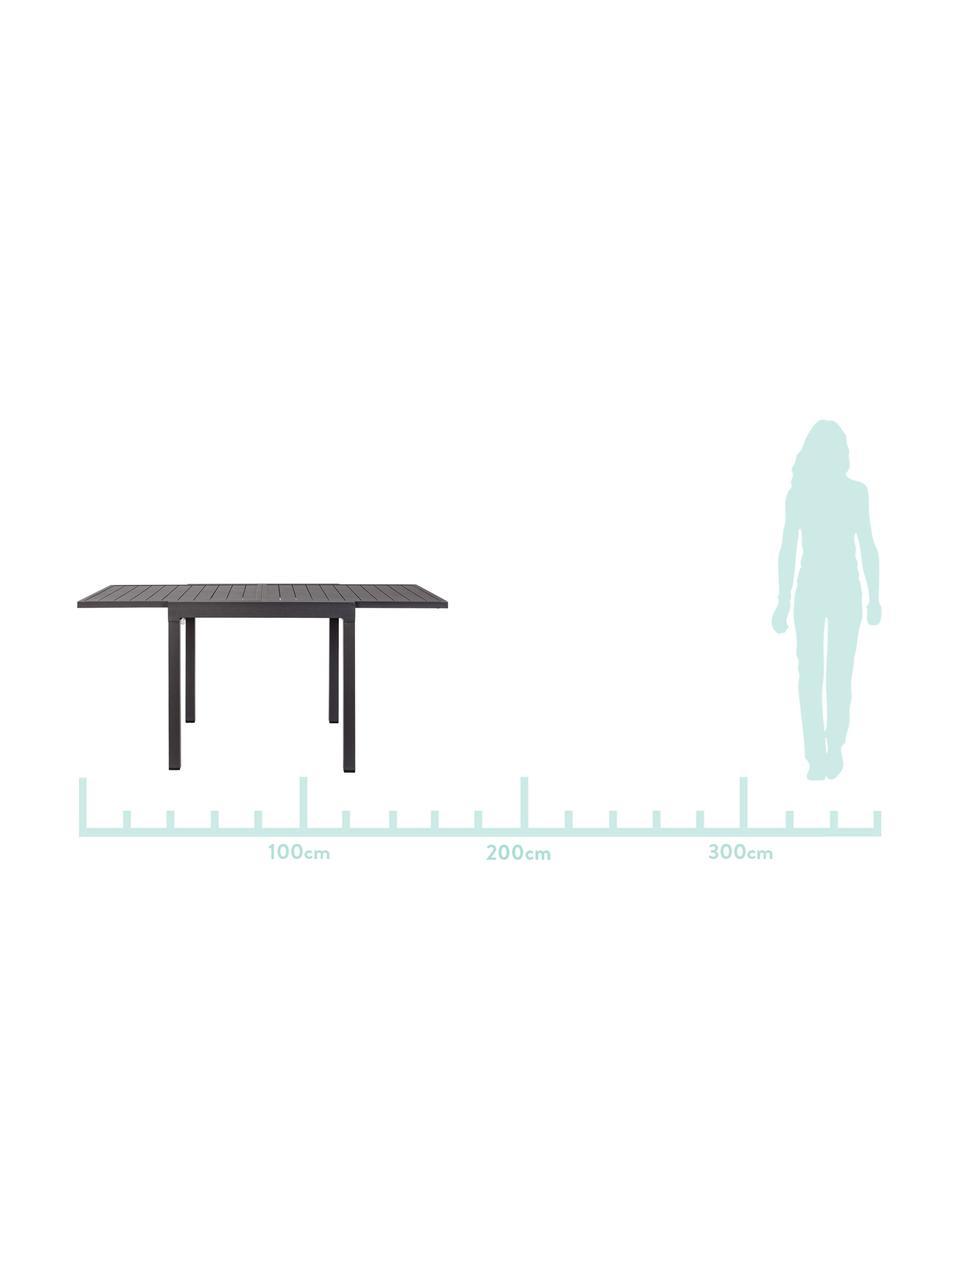 Tavolo da giardino allungabile Pelagius, Alluminio verniciato a polvere, Antracite, Larg. 83 a 166 x Prof. 80 cm